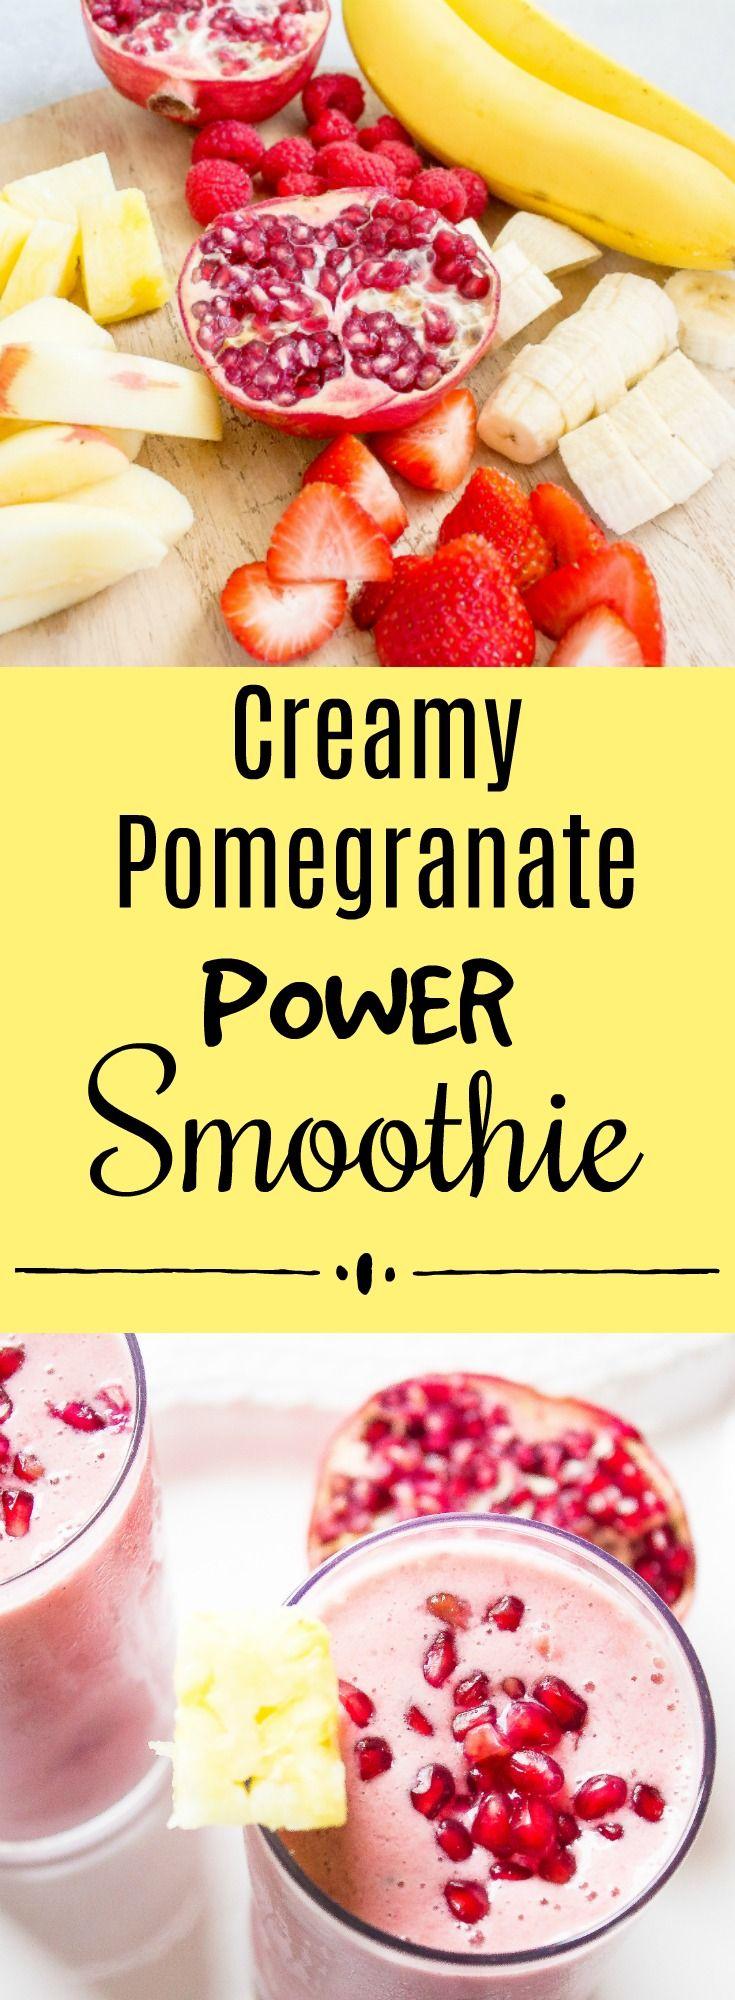 Creamy Pomegranate Power Smoothie/ Kathryn's Kitchen Blog